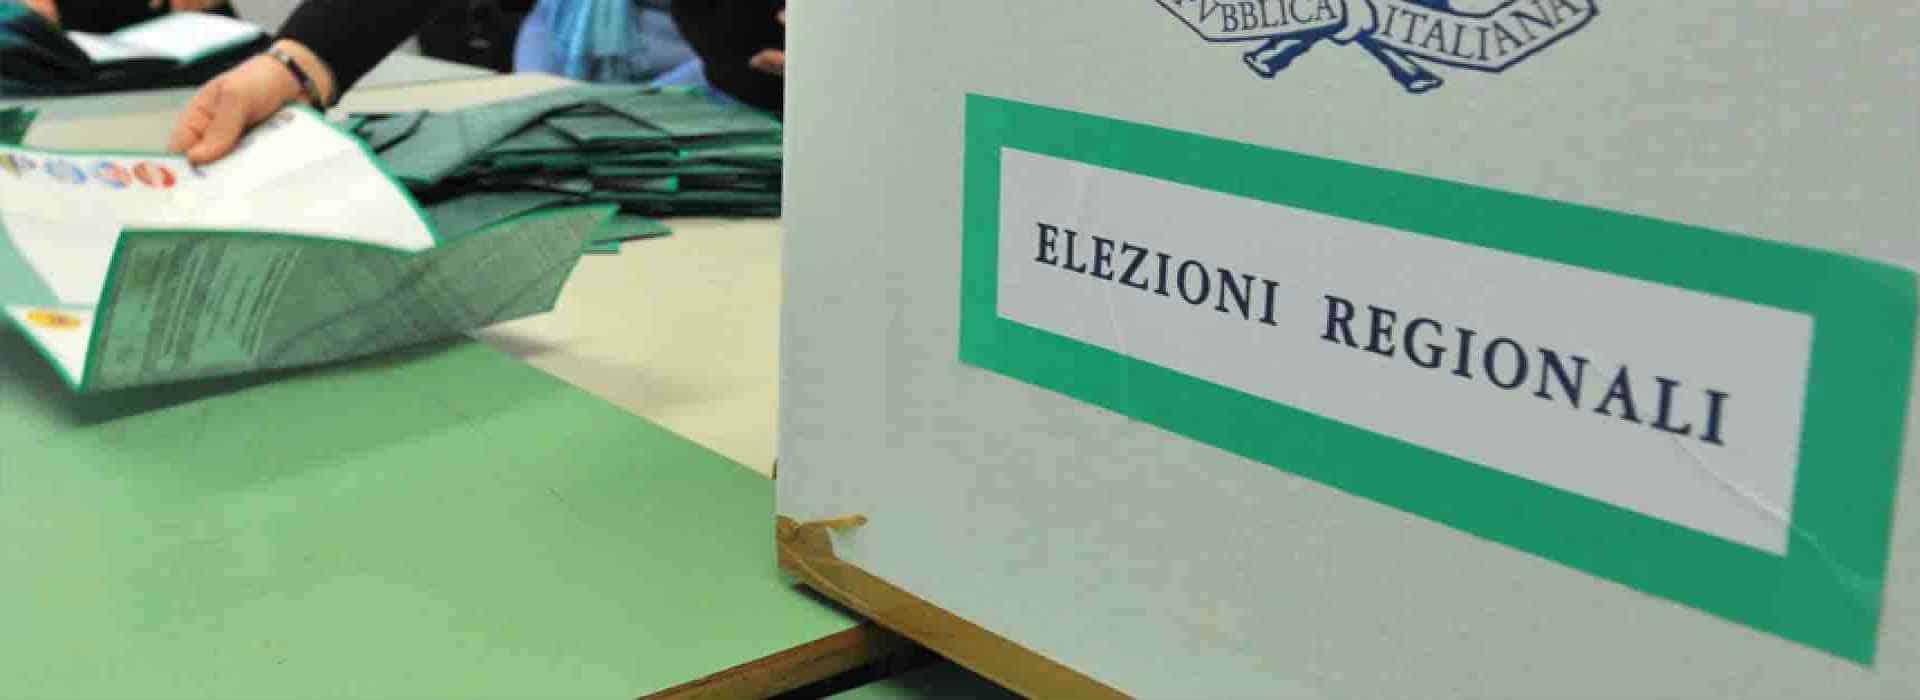 Elezioni 2019 Abruzzo  votanti in calo. Alle 23 i primi exit-poll ... f96d3df03232